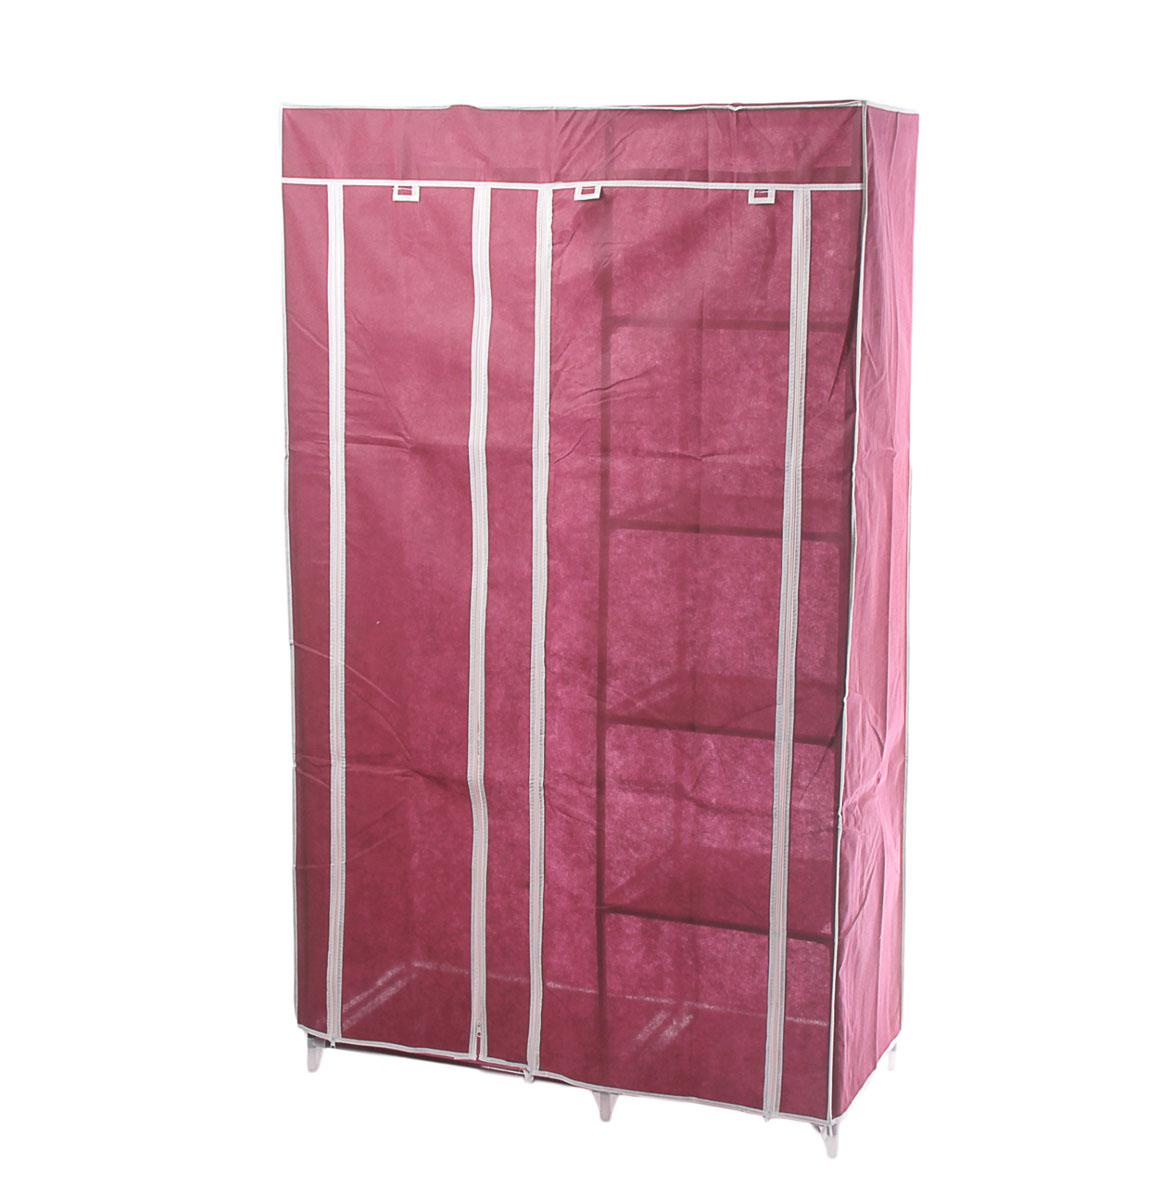 Мобильный шкаф для одежды Sima-land, цвет: бордовый, 110 см х 45 см х 175 см. 178921178921Мобильный шкаф для одежды Sima-land, предназначенный для хранения одежды и других вещей, это отличное решение проблемы, когда наблюдается явный дефицит места или есть временная необходимость. Складной тканевый шкаф - это мобильная конструкция, состоящая из сборного металлического каркаса, на который натянут чехол из нетканого полотна. Корпус шкафа сделан из легкой, но прочной стали, а обивка из полиэстера, который можно легко стирать в стиральной машинке. Шкаф оснащен двумя отделами с текстильными дверями, которые закрываются на застежки-молнии. Чтобы открыть шкаф вы можете скрутить двери и зафиксировать их наверху с помощью ремешков на липучках. В одном отделе присутствует перекладина для хранения вещей на вешалках, во втором отделе - 4 вместительные полки.